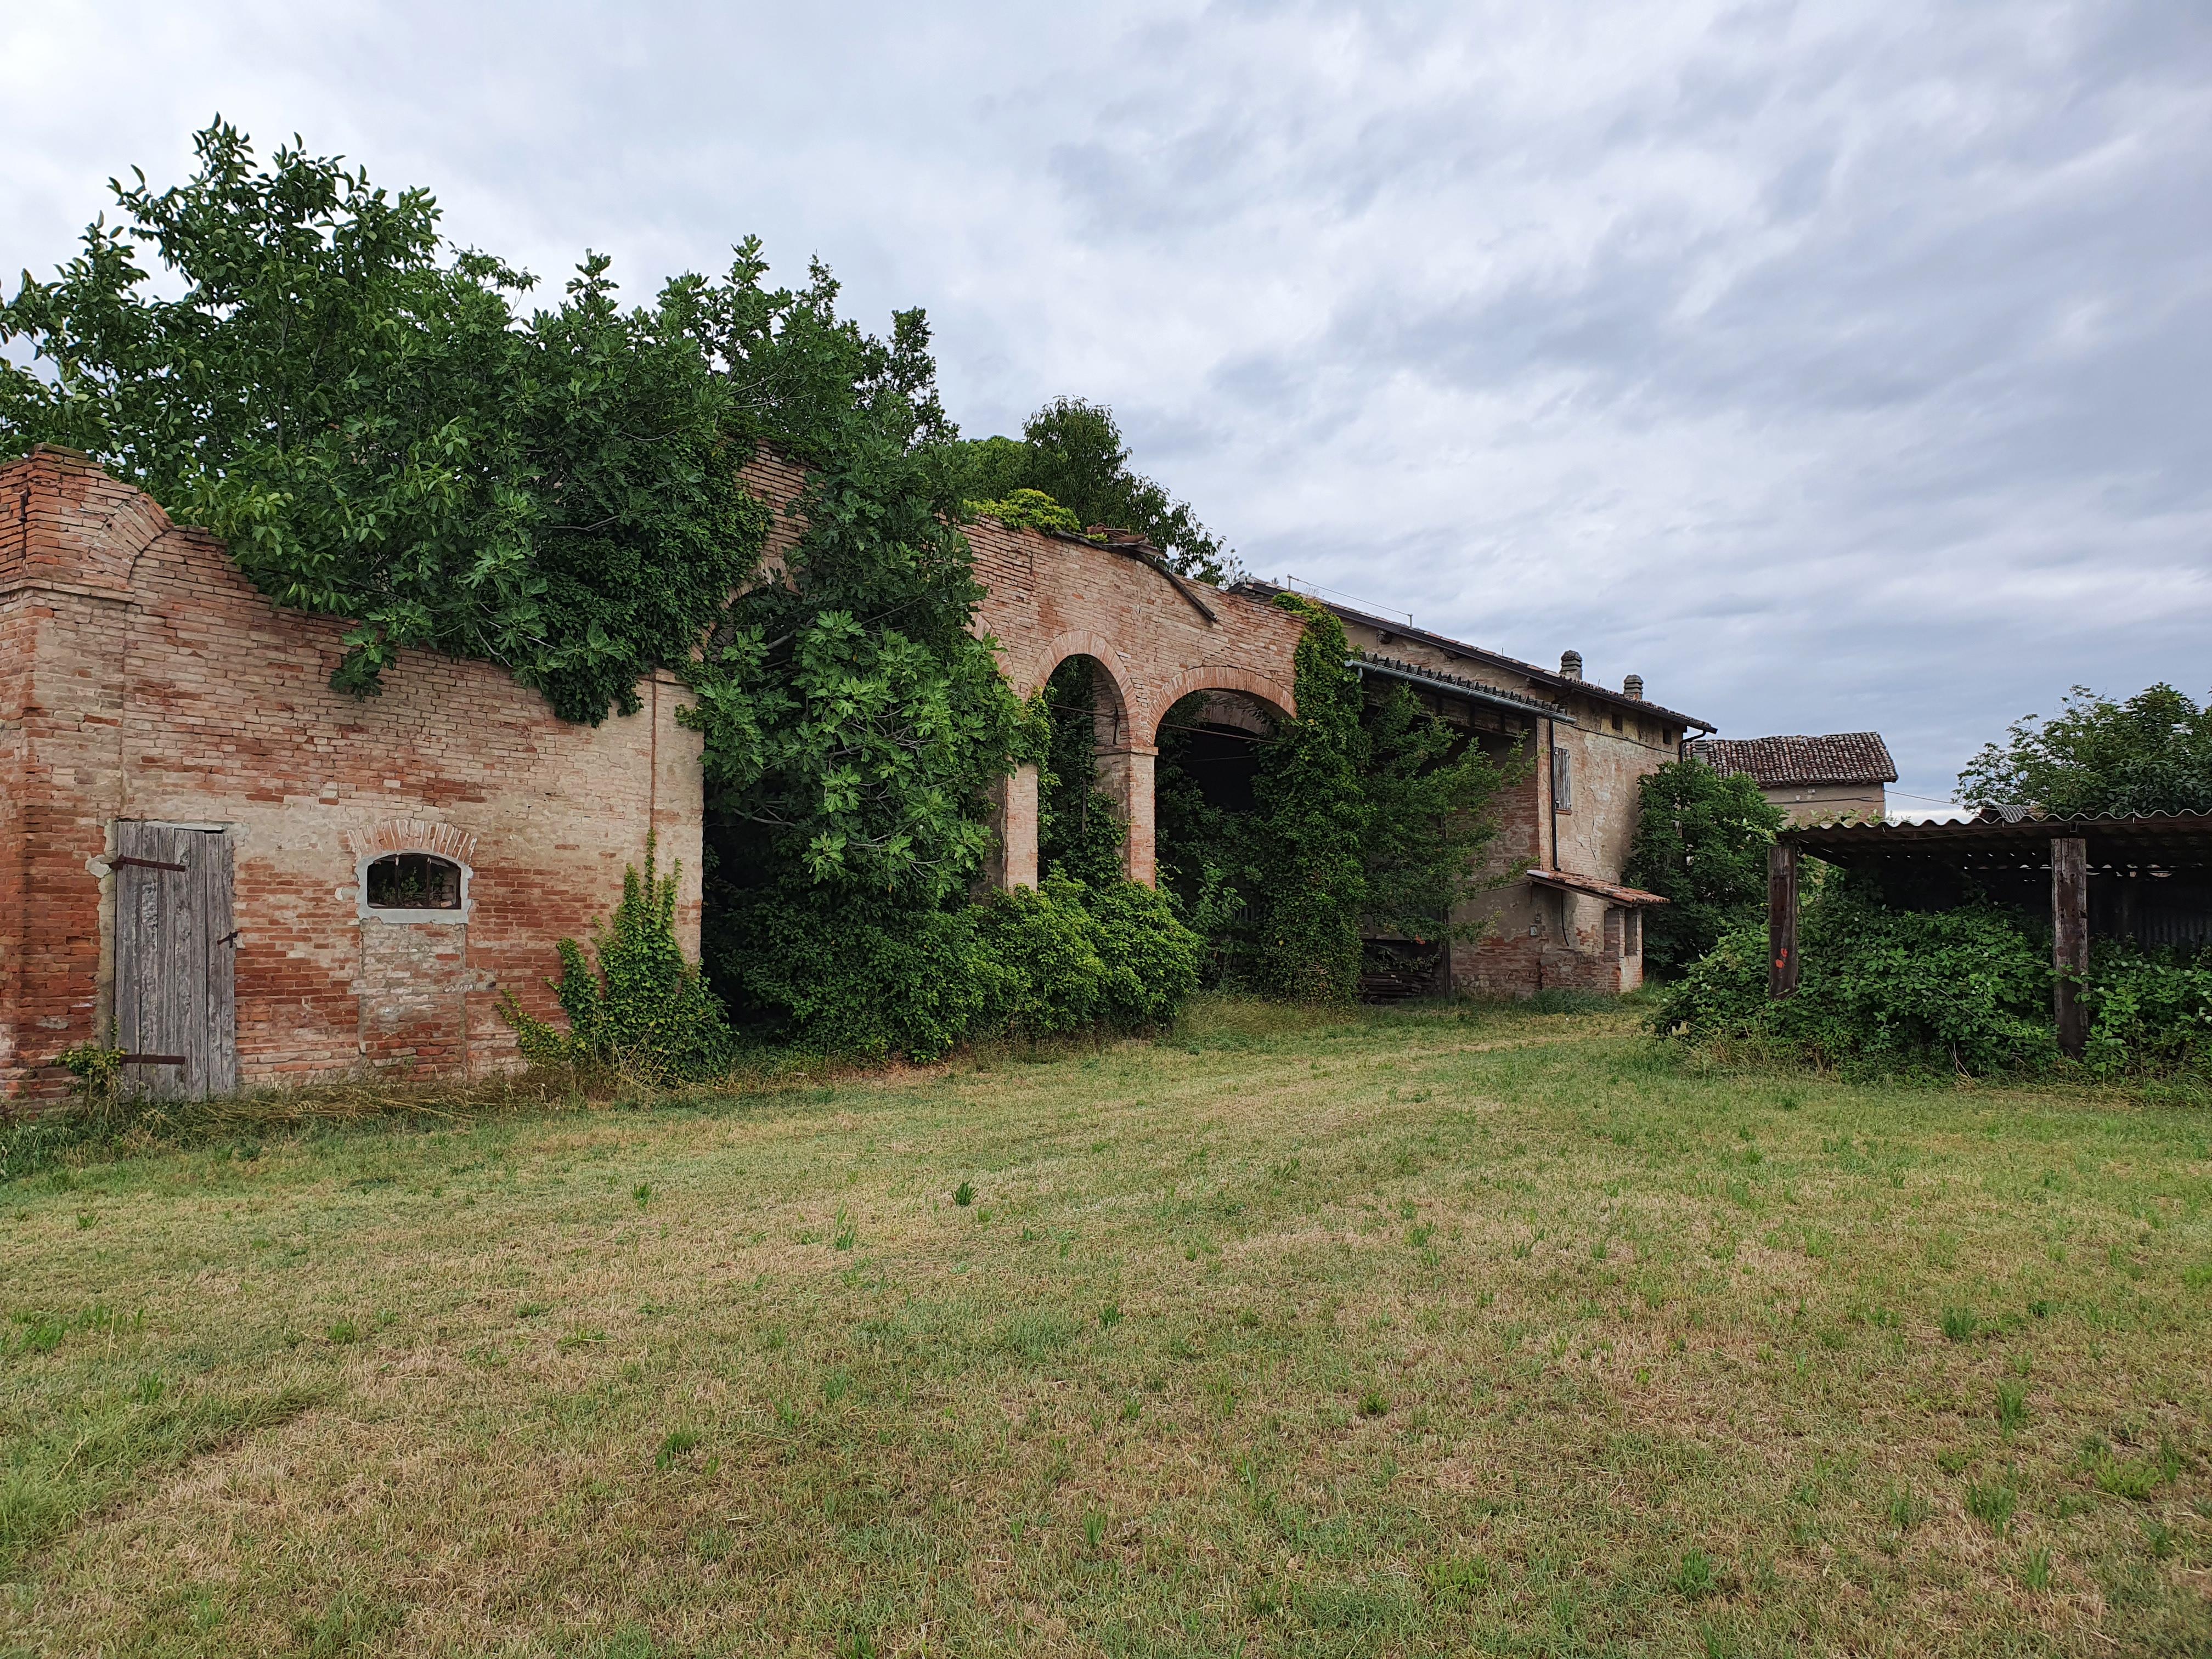 Derelict farm house in Villa Bagno - luglio 2021 - foto TT